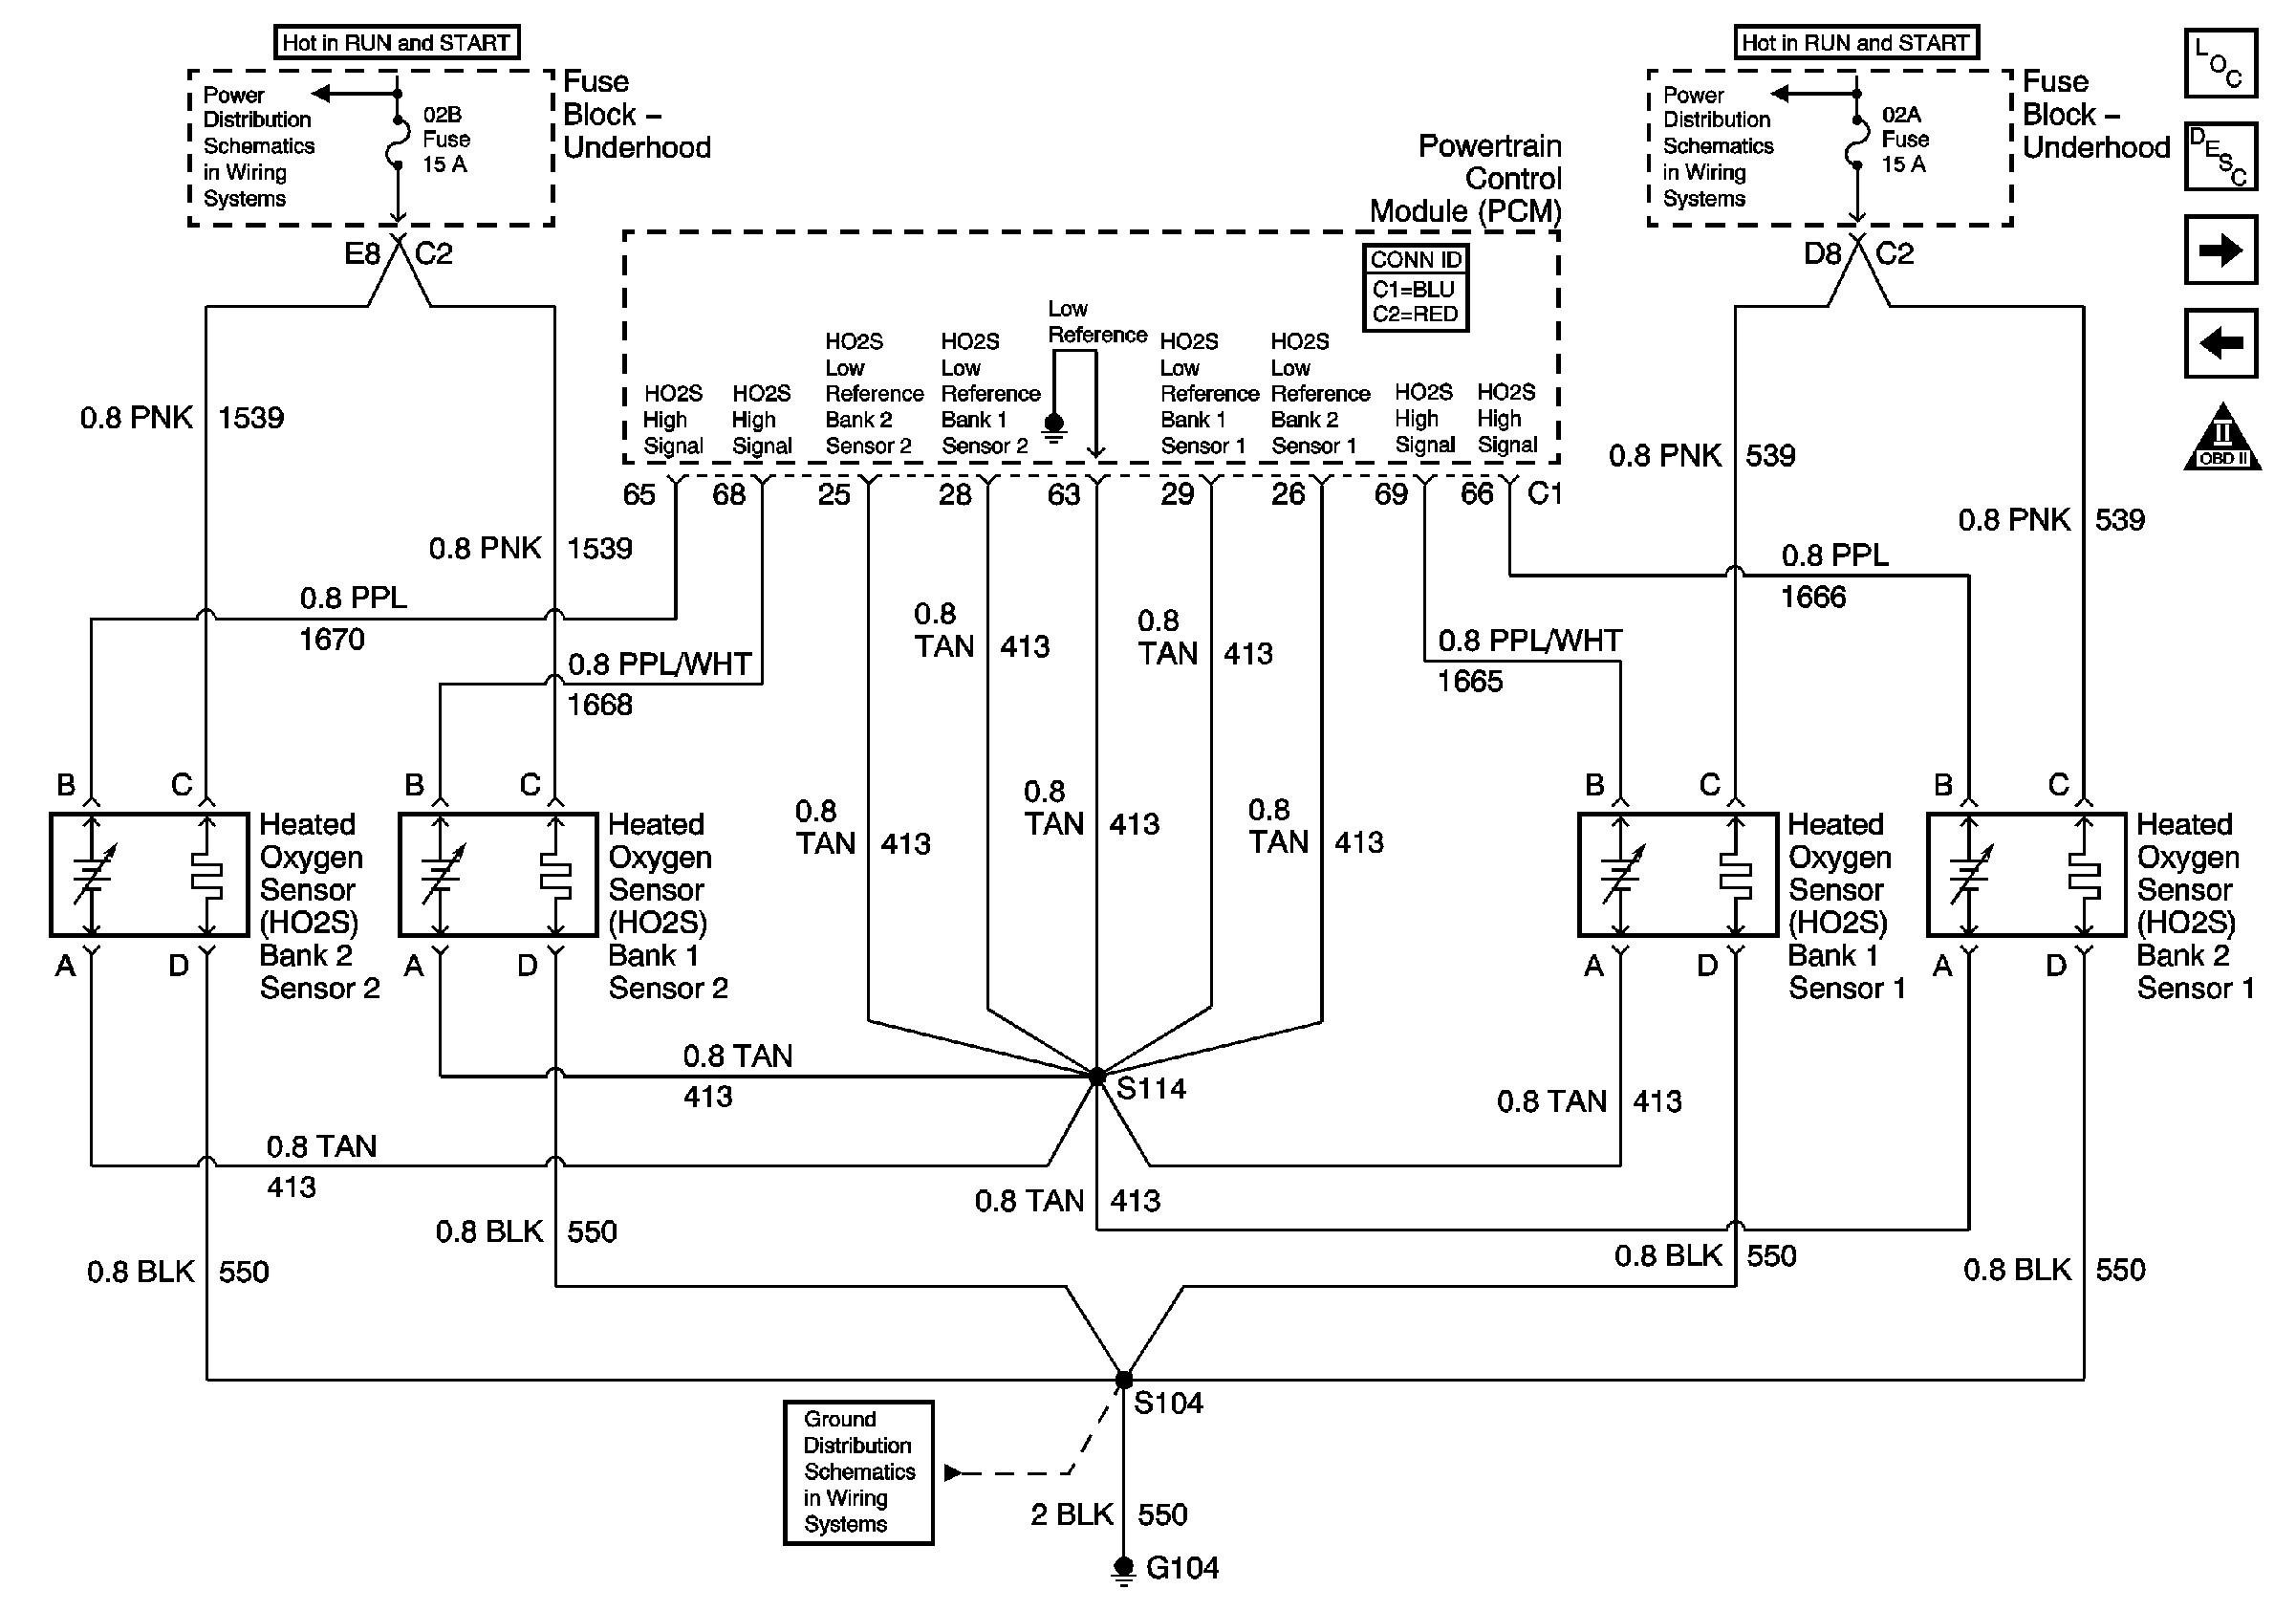 e2 rsx engine diagram basic electronics wiring diagram 2004 RSX Engine Diagram acura rsx engine diagram rsx engine diagram of 03 wiring library